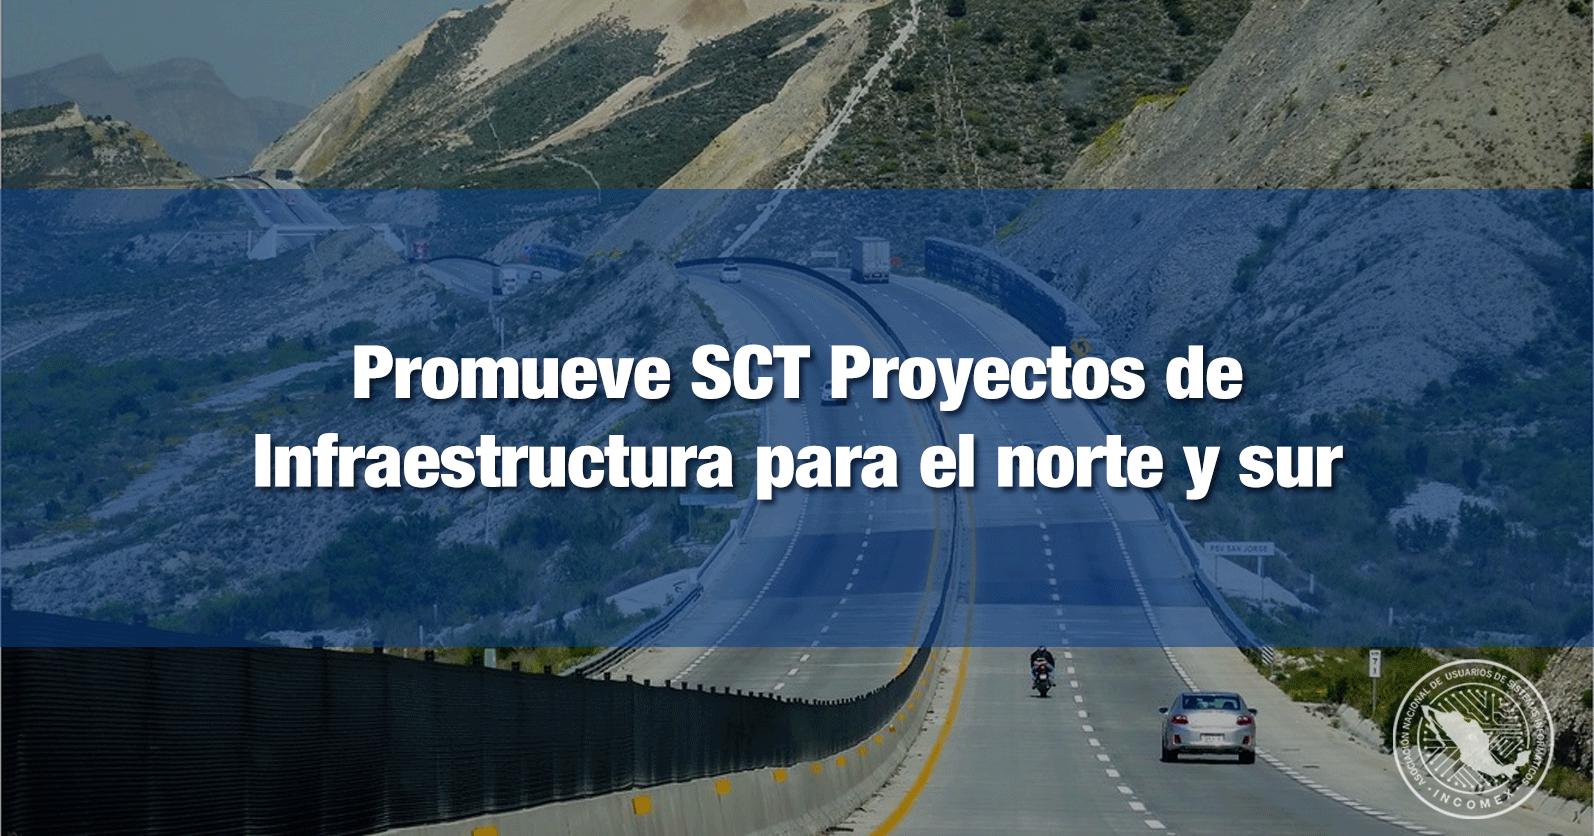 Promueve SCT Proyectos de Infraestructura para el norte y sur